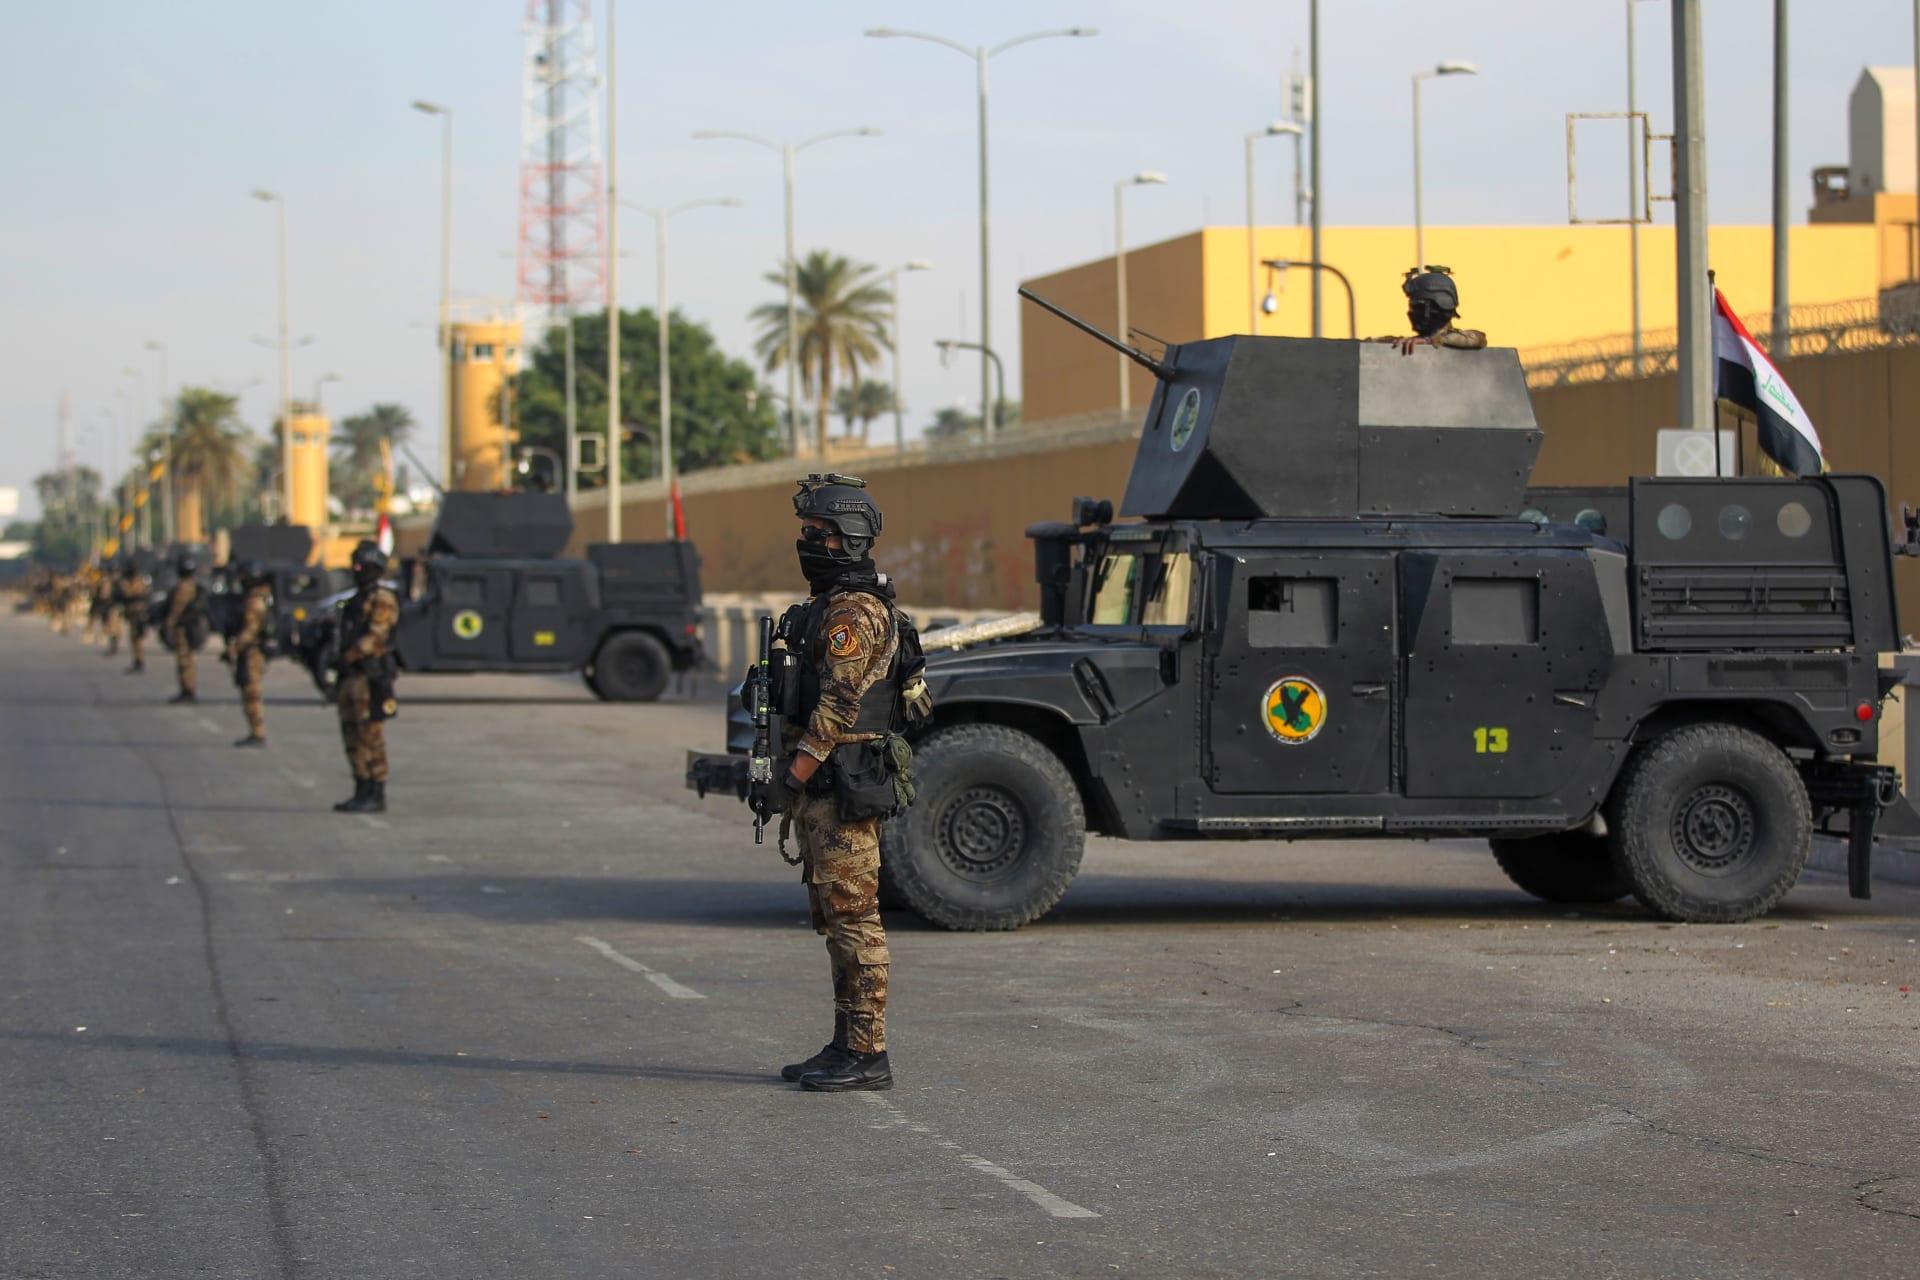 سقوط 3 صواريخ في المنطقة الخضراء ببغداد.. ودوي صفارات الإنذار قرب السفارة الأمريكية